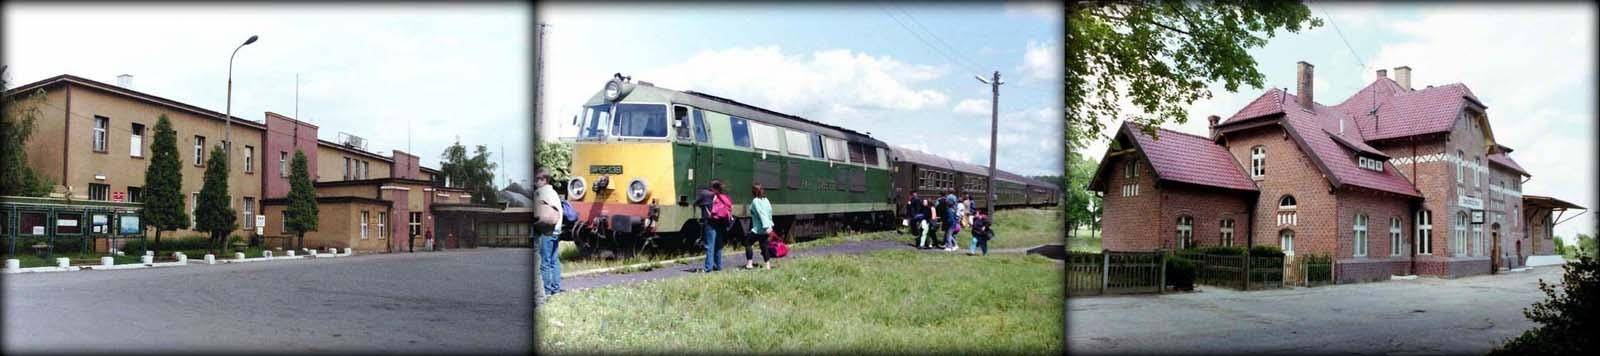 Ełk 21.06.1993, Ełk Zachodni. SU45-138 Ełk - Mikołajki - Olsztyn 18.06.1993. Mikołajki 18.06.1993